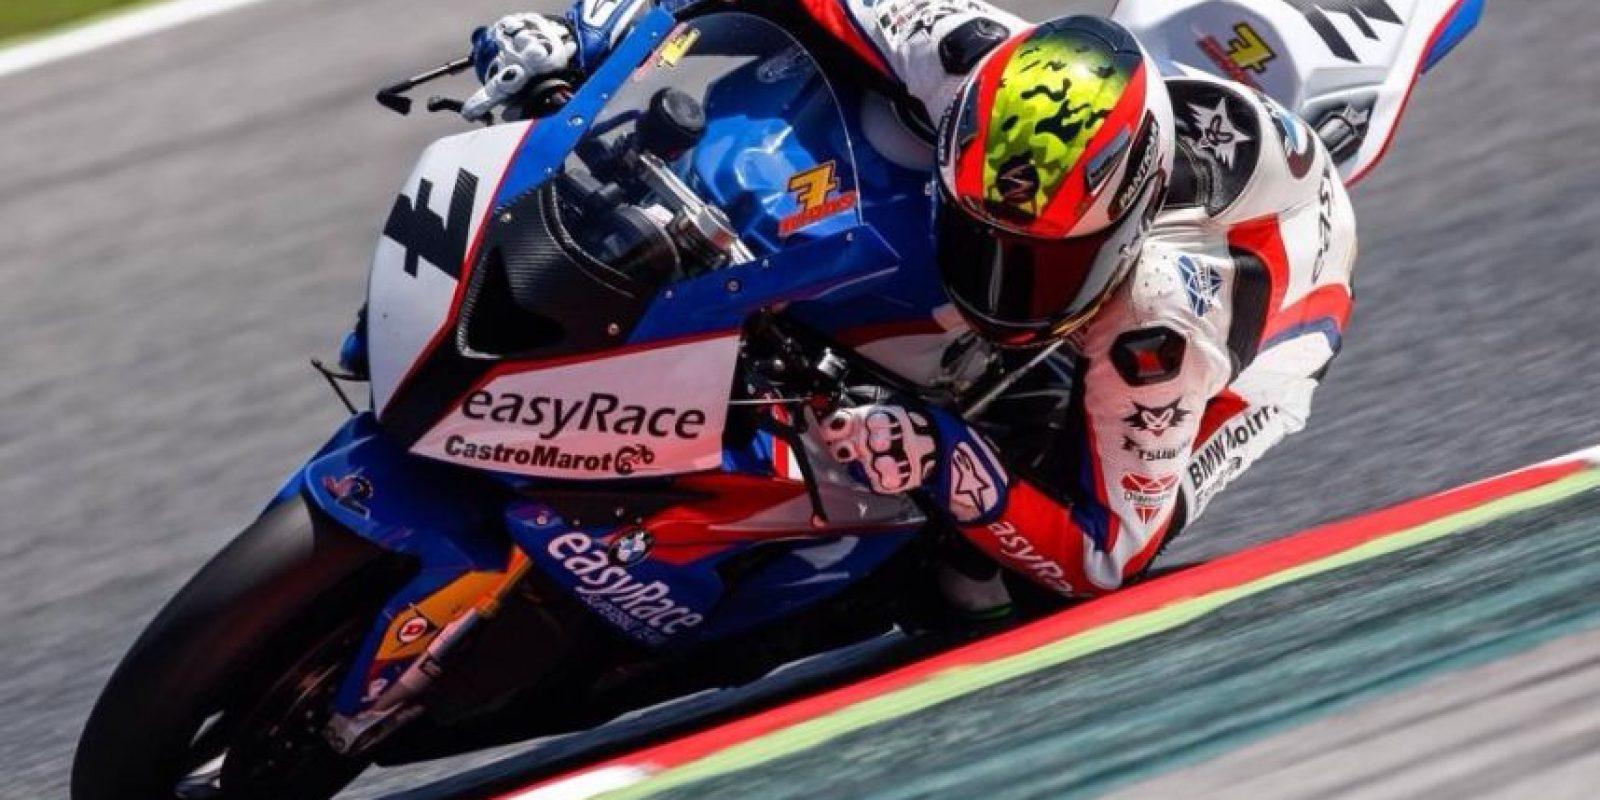 Este 20 de julio, dos motociclistas españoles: Bernat Martínez de 35 años y Dani Rivas (en la foto) de 27, murieron tras un choque en competencia. Foto:Vía facebook.com/pages/Dani-Rivas/672268496201647